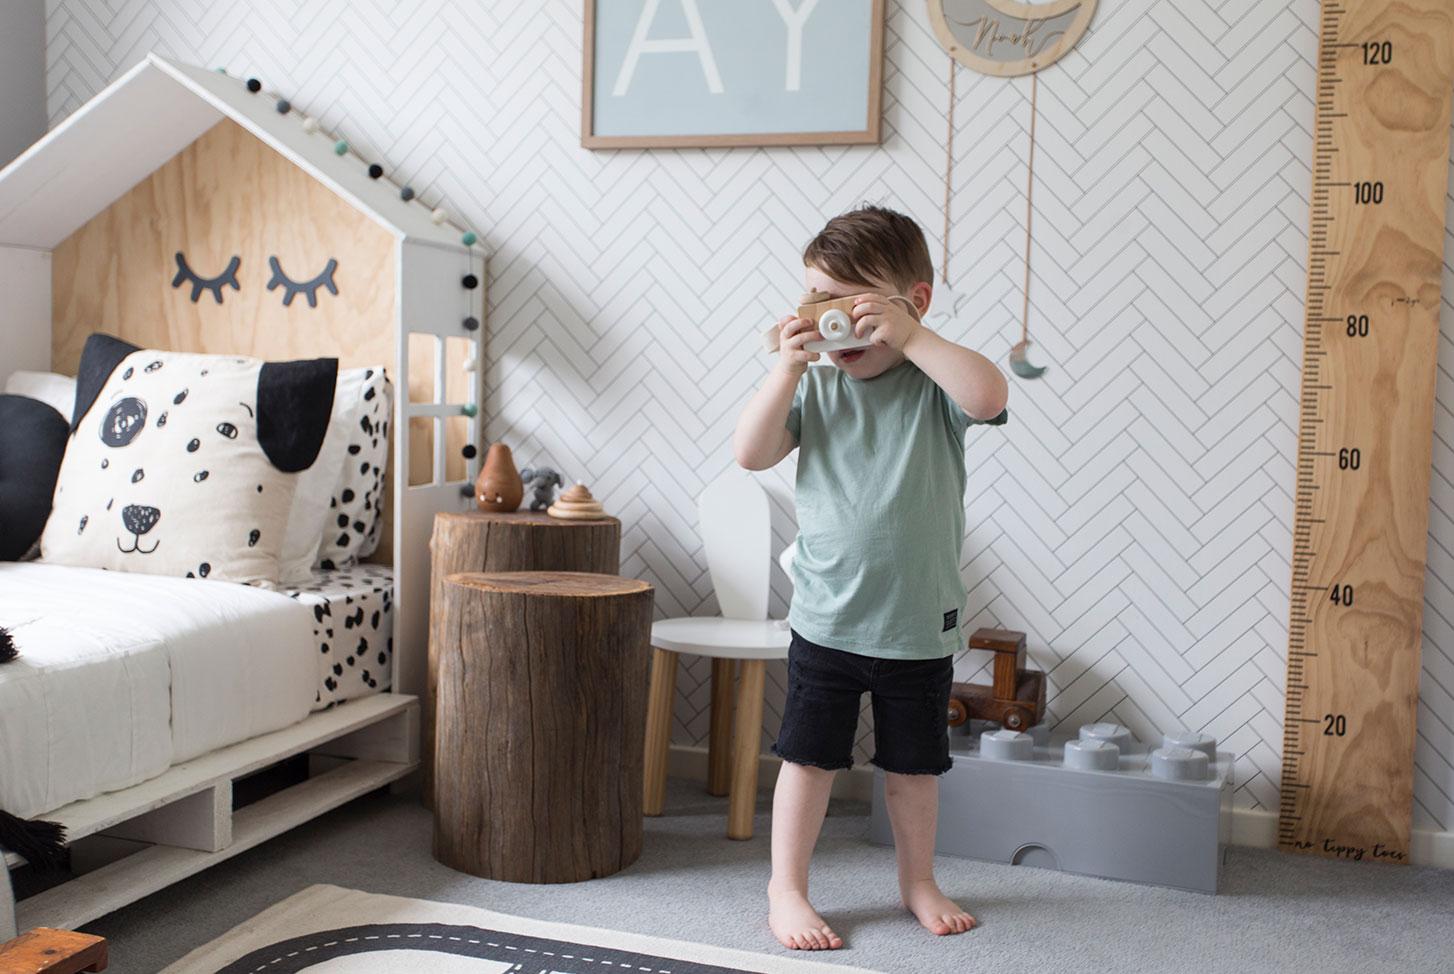 White Wallpaper, Designer Wallpaper, Herringbone Wallpaper, Kids Room, Boys Room